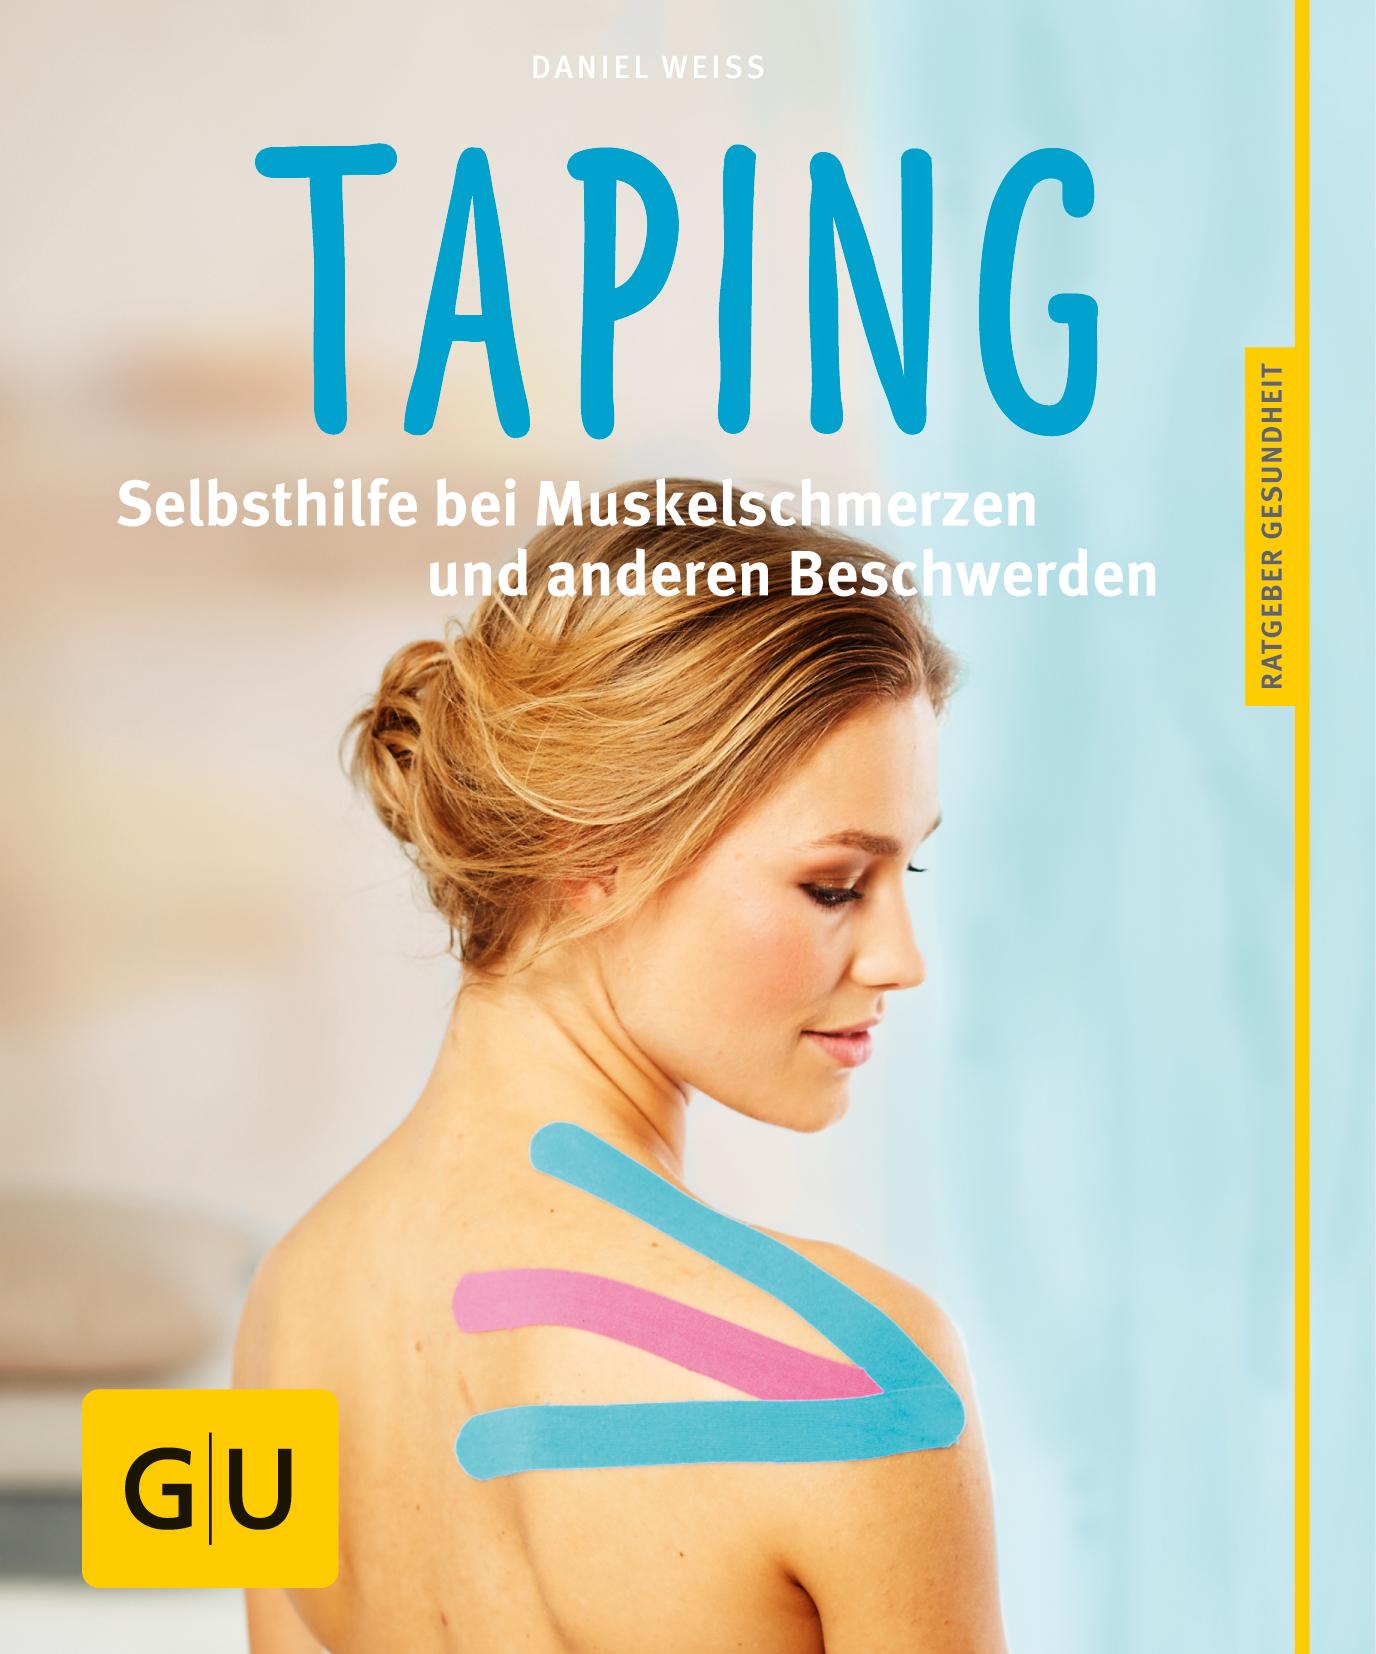 Taping: Selbsthilfe bei Muskelschmerzen und anderen Beschwerden (GU Ratgeber Gesundheit) - Daniel Weiss